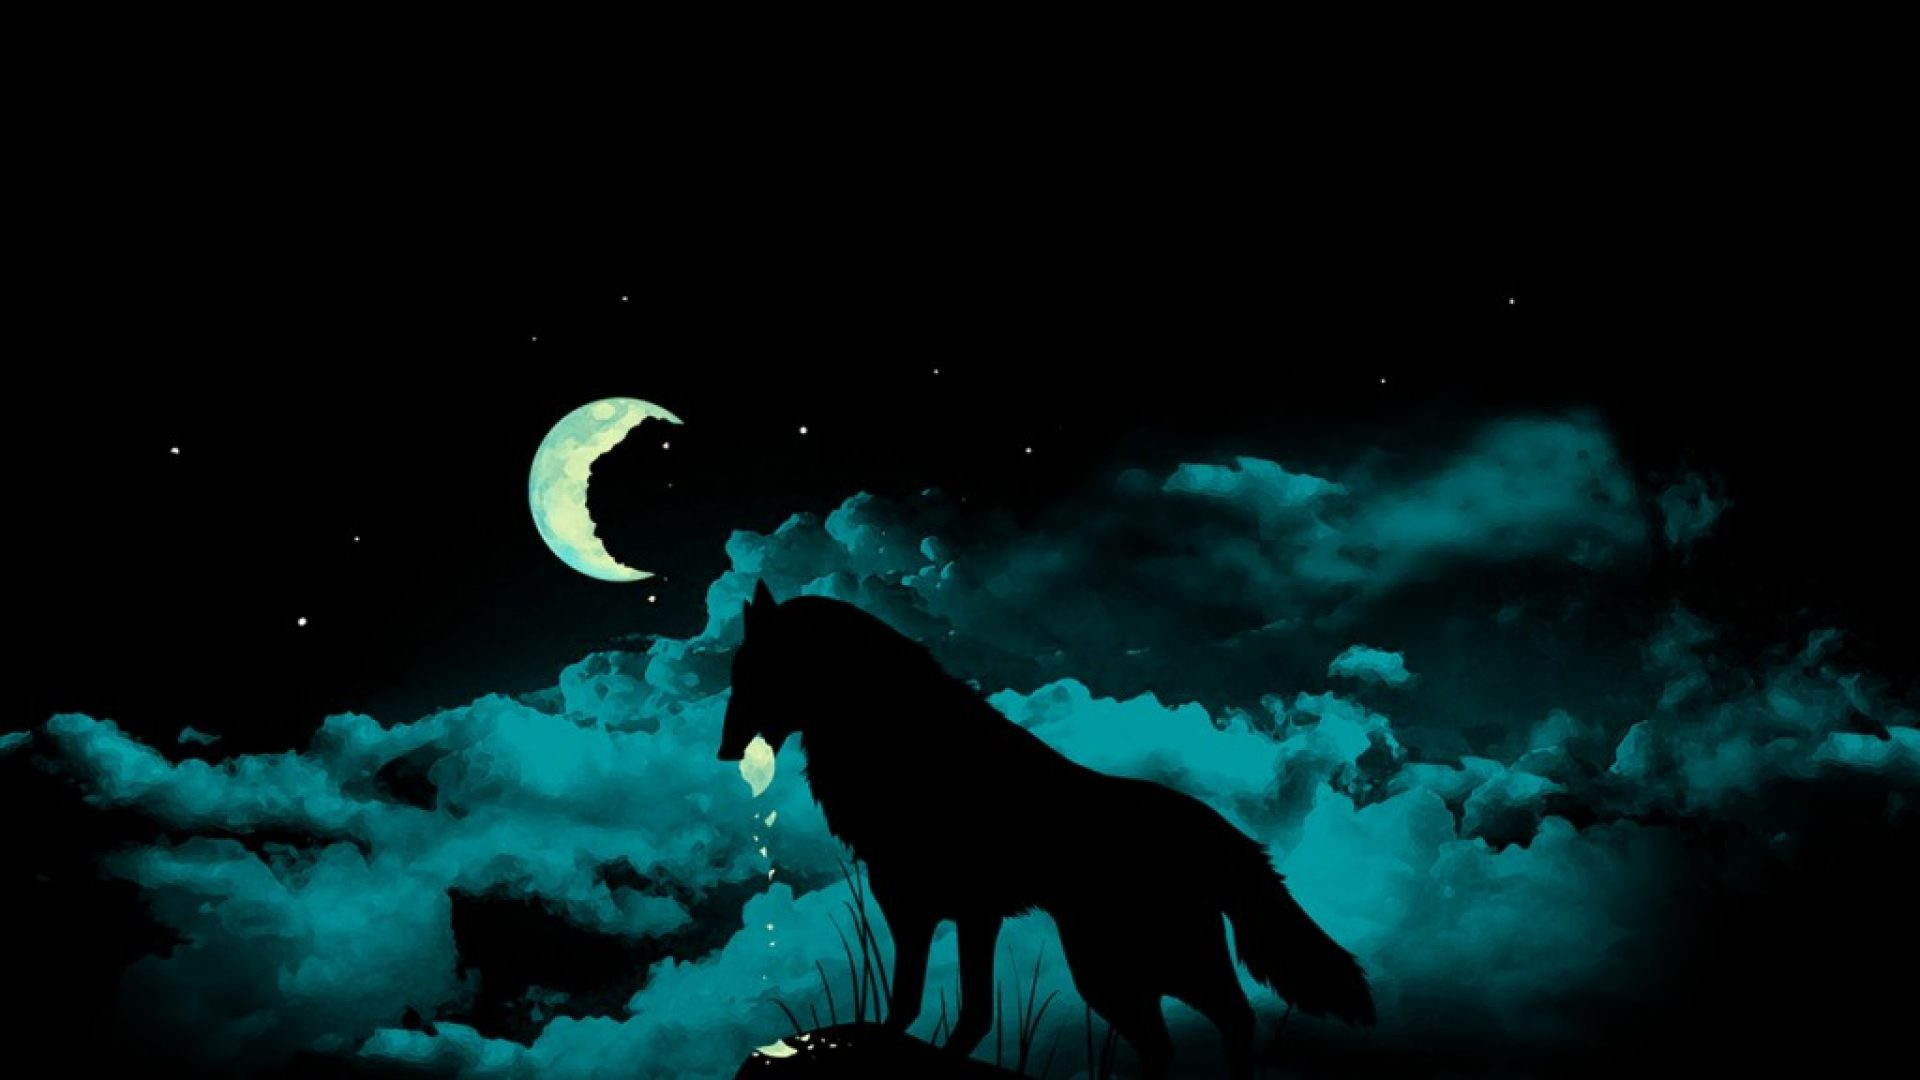 Lobo En La Noche 1920x1080 Fondos De Pantalla Y